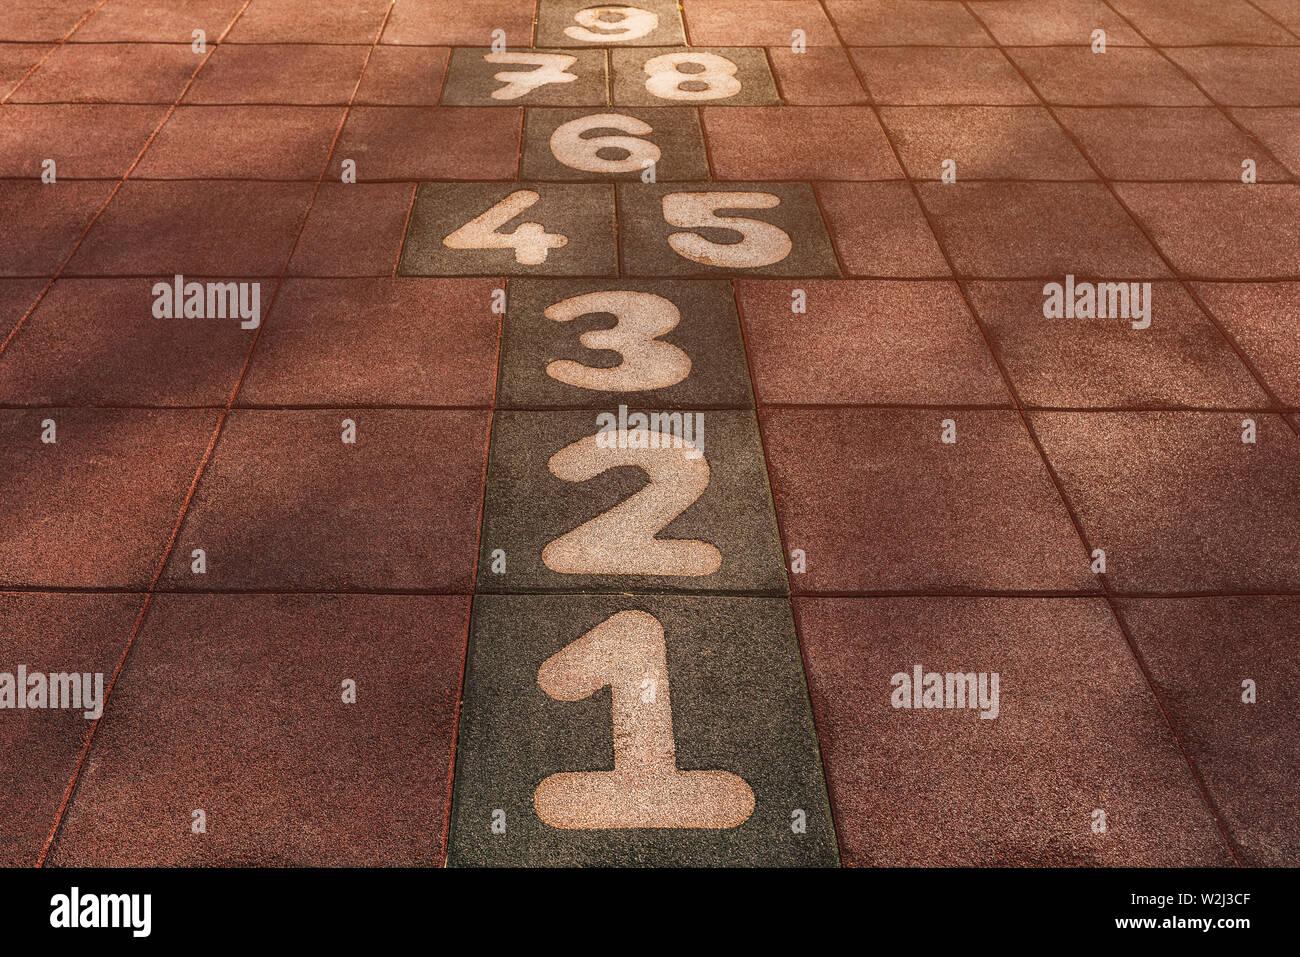 La rayuela juego en juegos al aire libre para niños en perspectiva decreciente Foto de stock